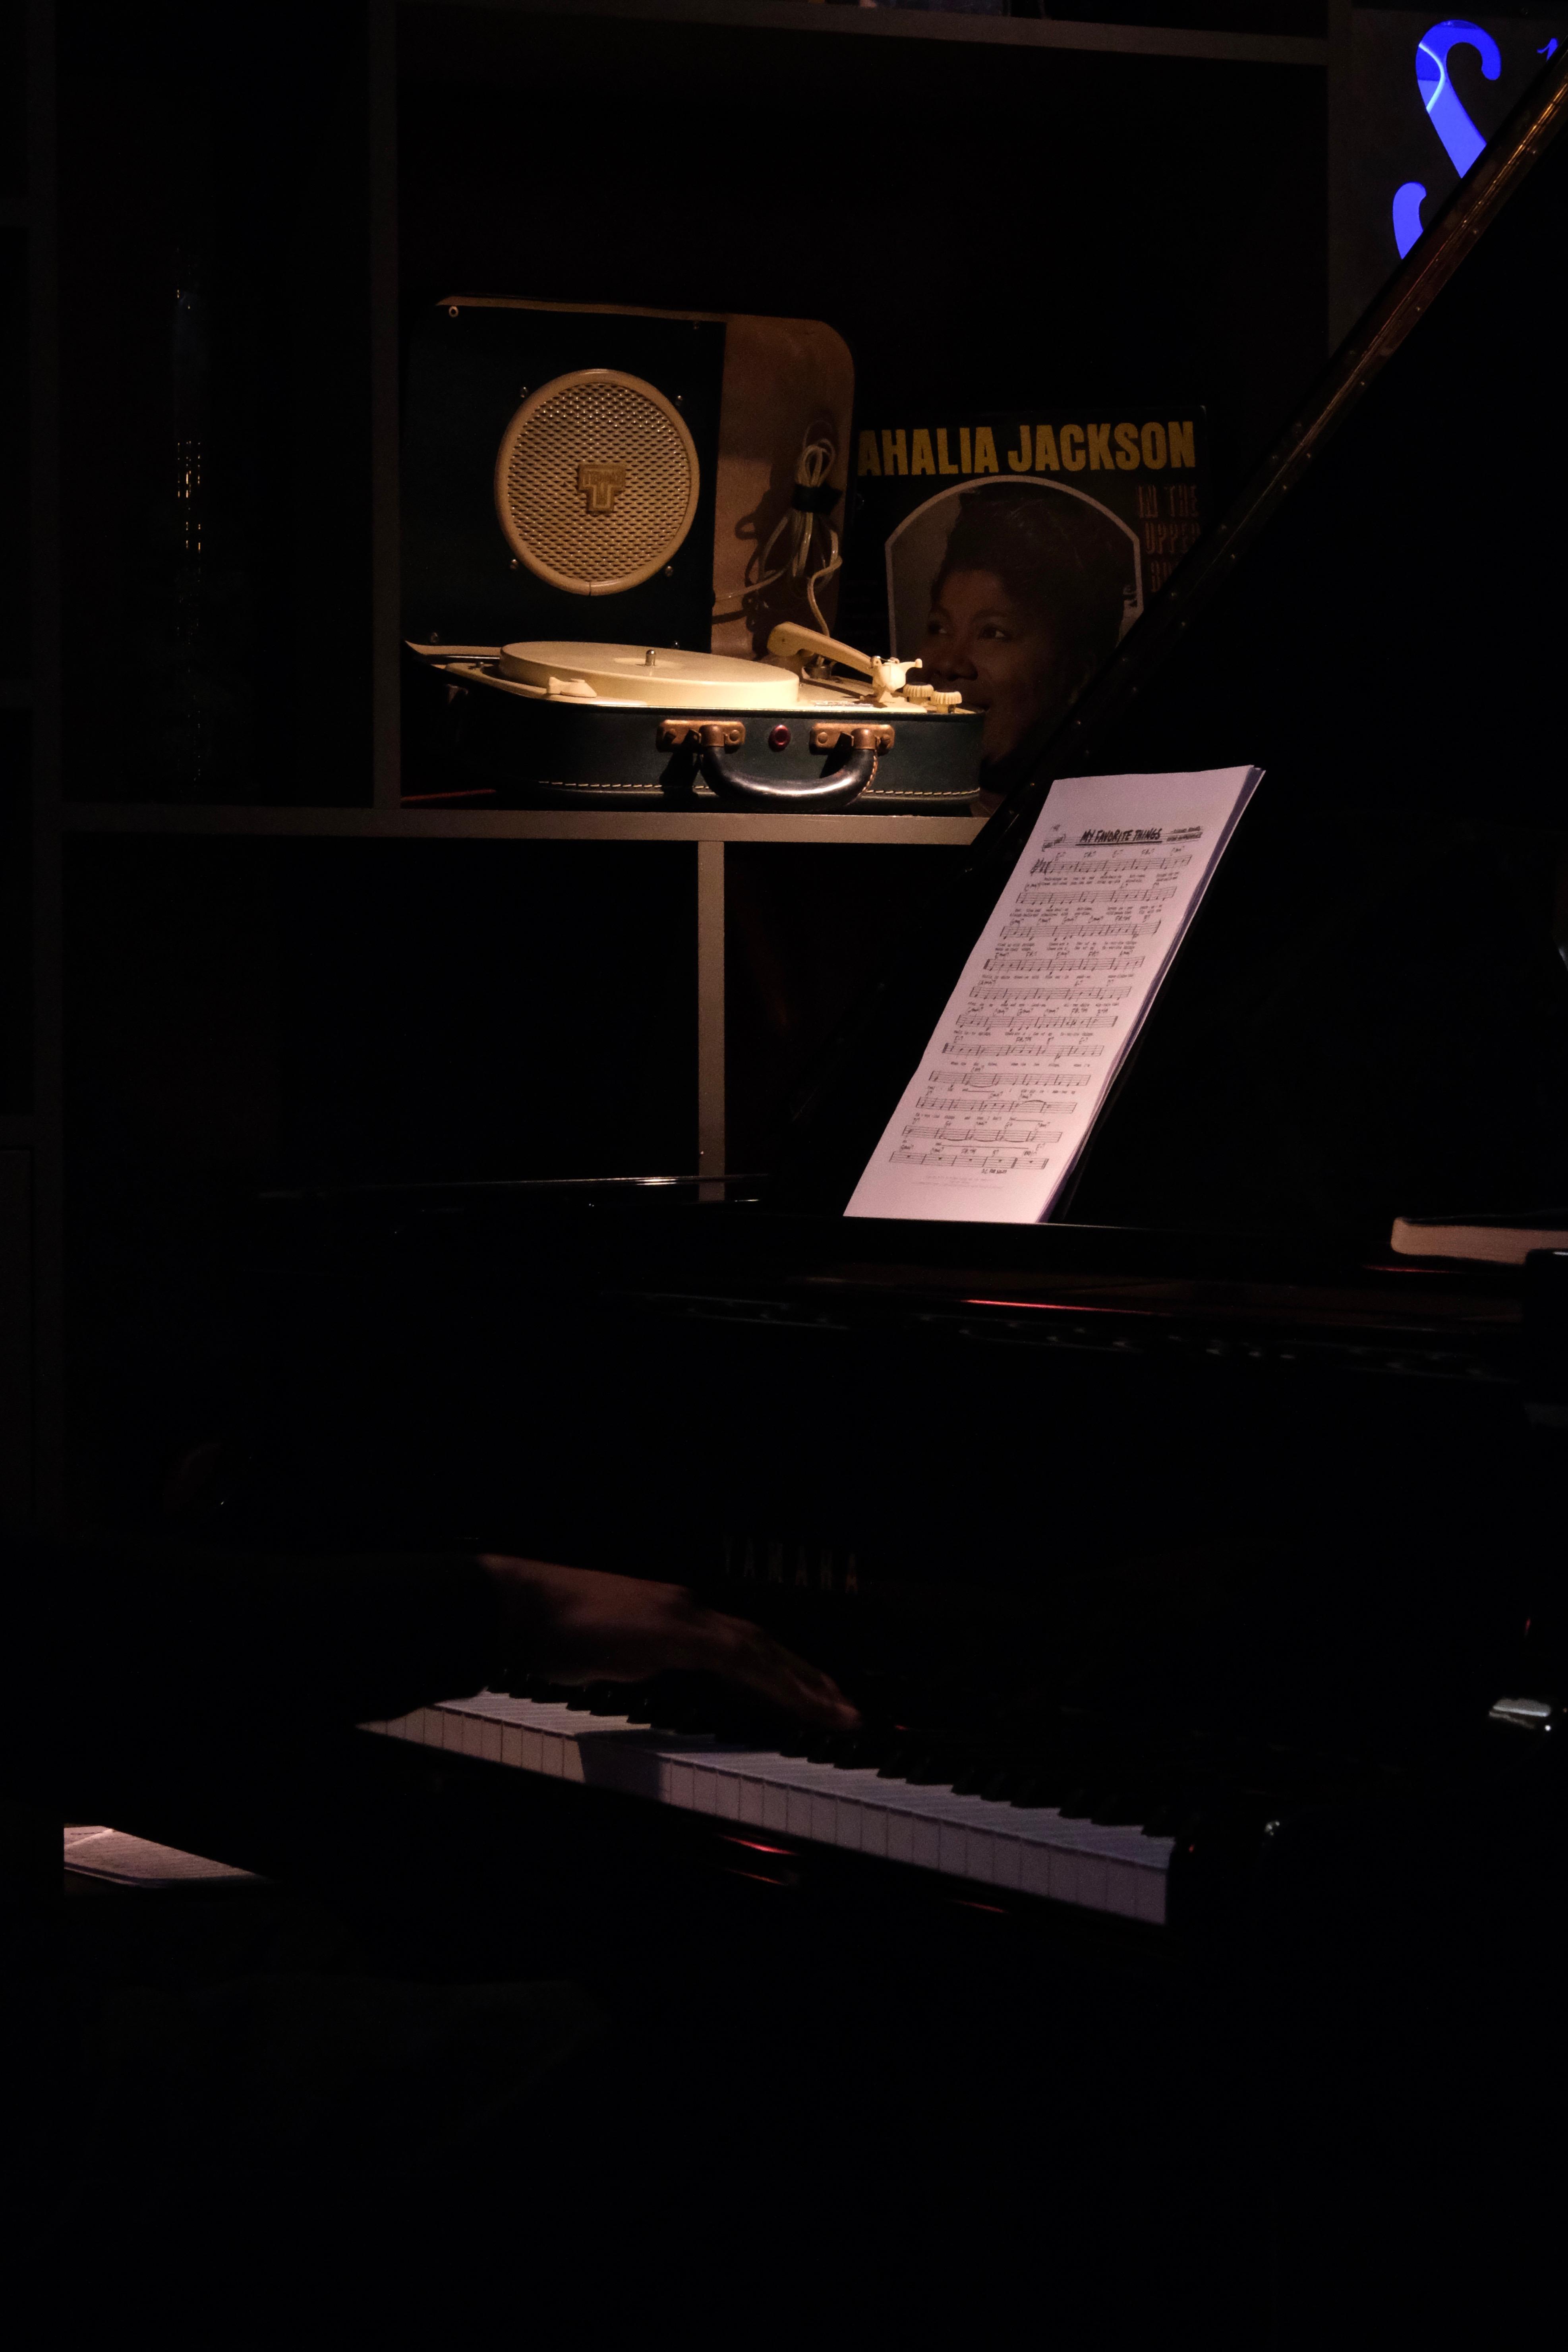 Piano Player Lyon